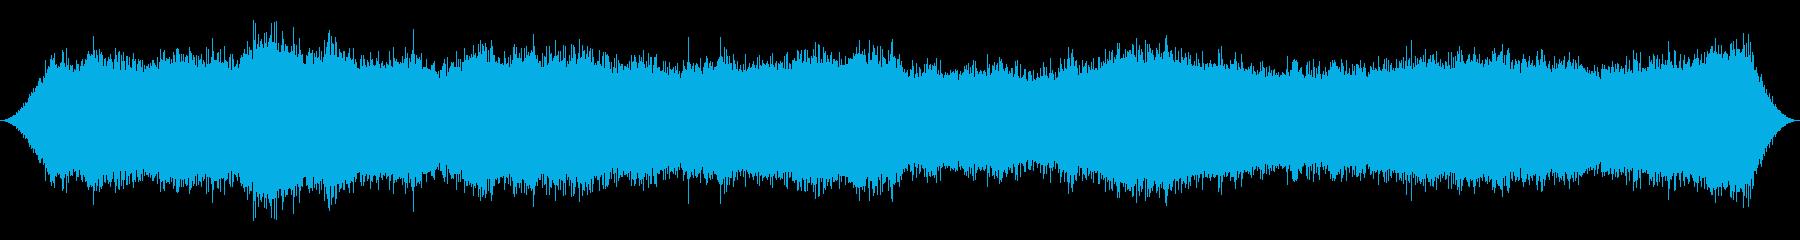 大規模研究ステーション:内線:発電...の再生済みの波形